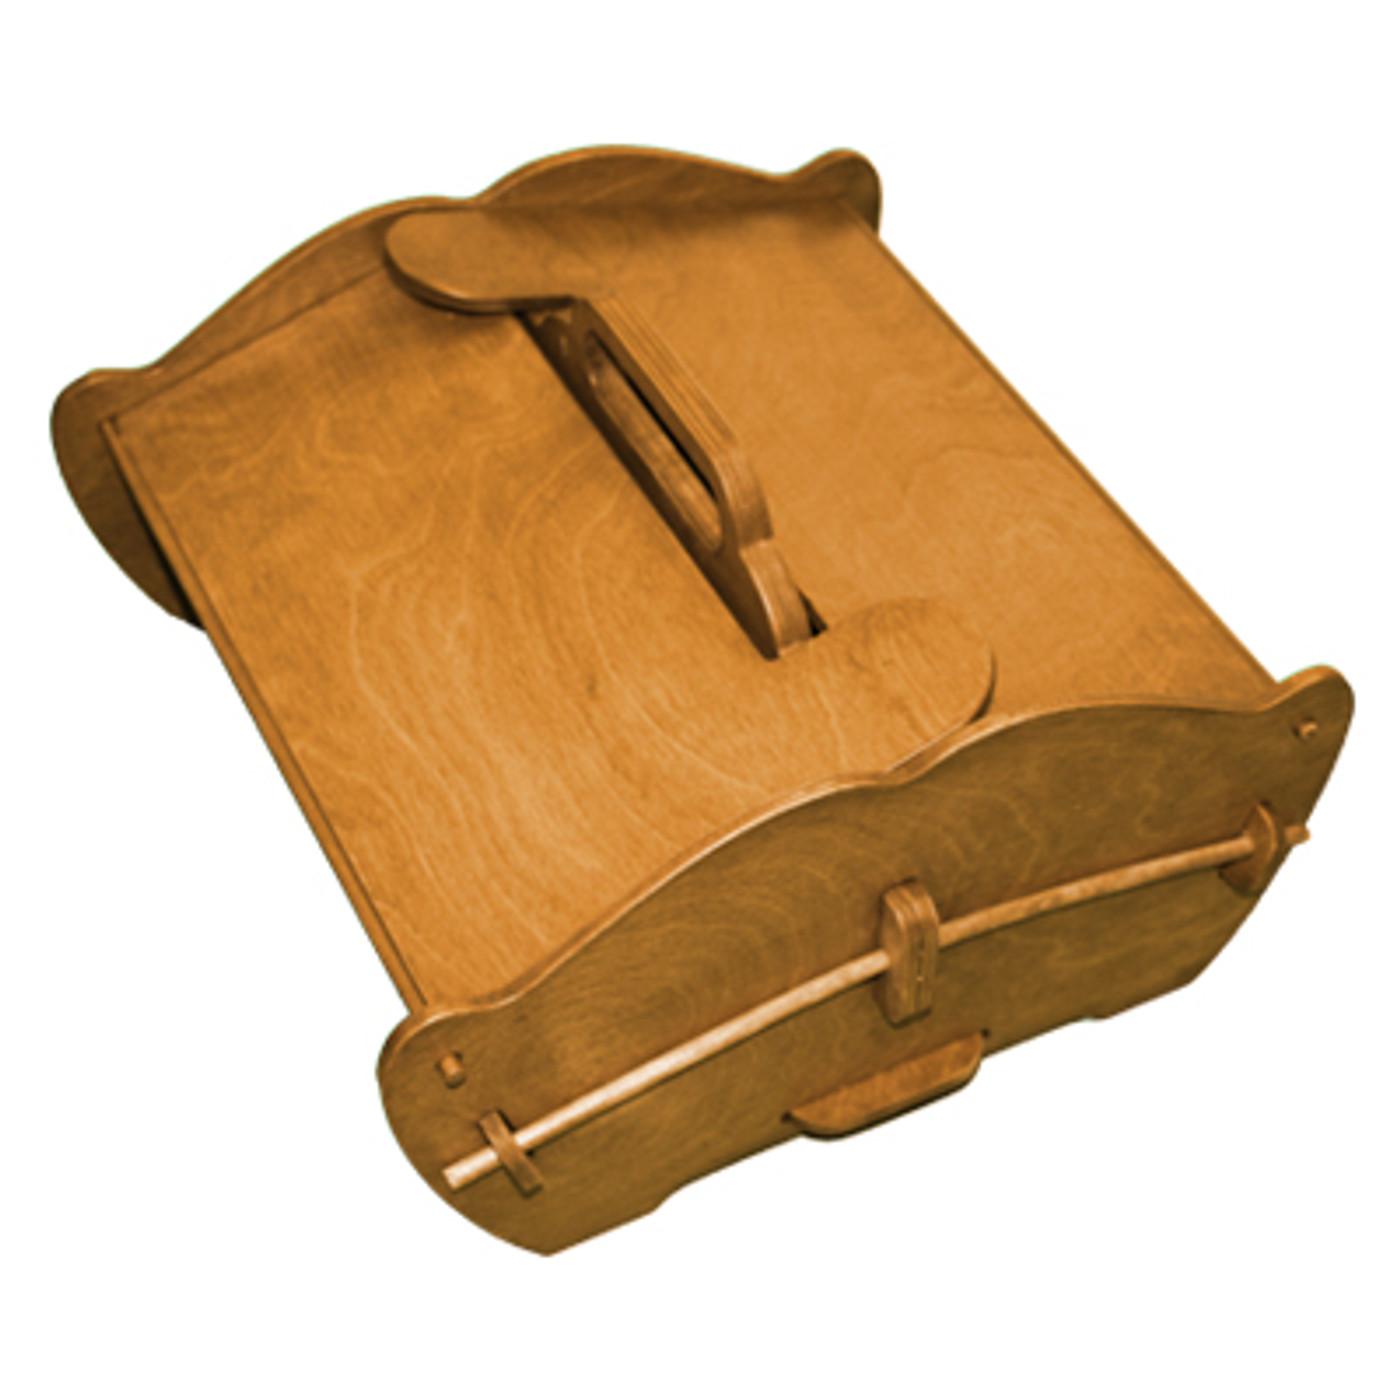 Carry-All Caddy - Original (Finish Quality)